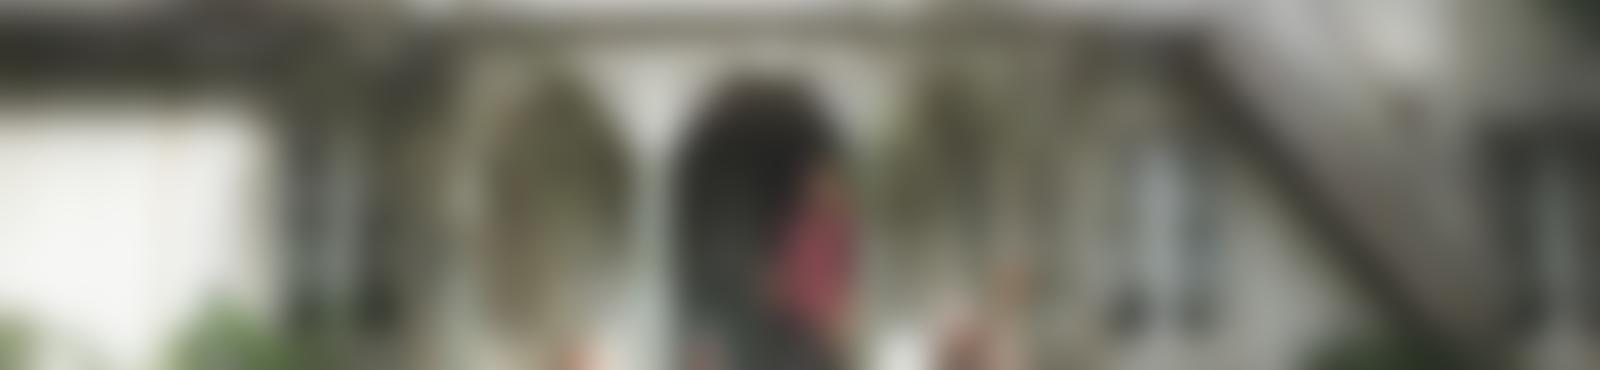 Blurred 13130cc4 73c3 41ac 969a 0c155cbdb1d7